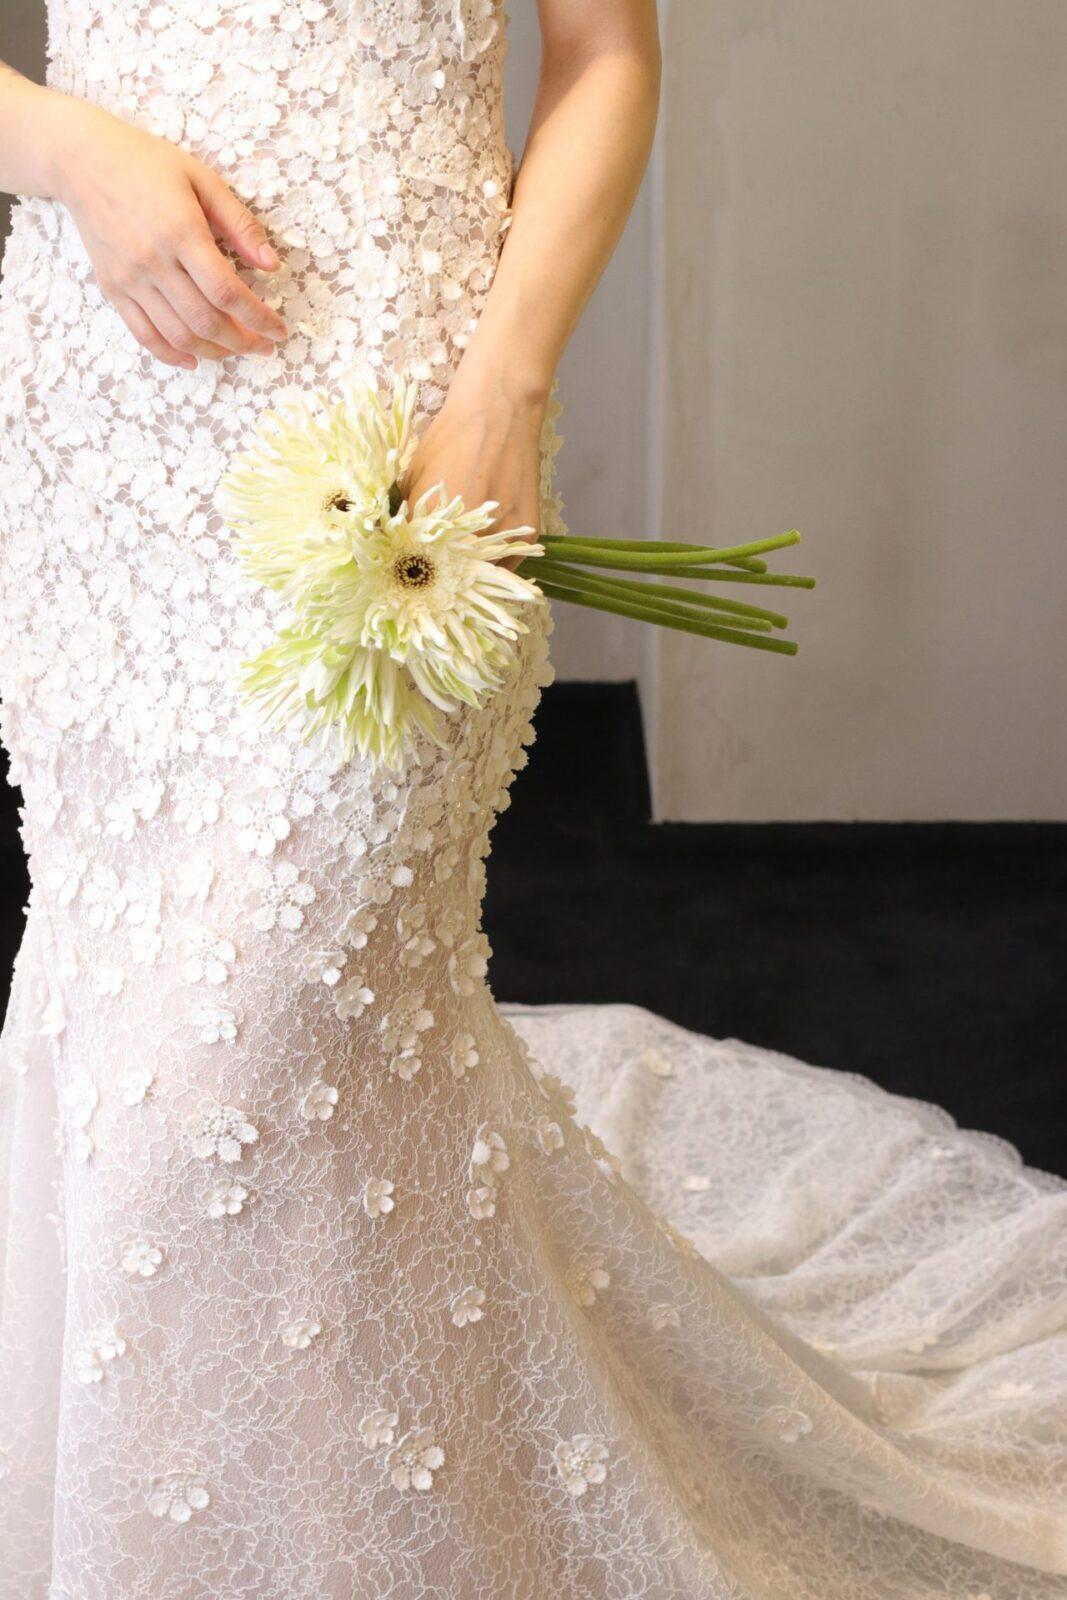 日本のお洒落花嫁様に人気のドレスショップ、ザトリートドレッシングに入荷したマーメイドラインの新作ドレスは立体的なお花モチーフがフェミニンで上品なウェディングドレスです